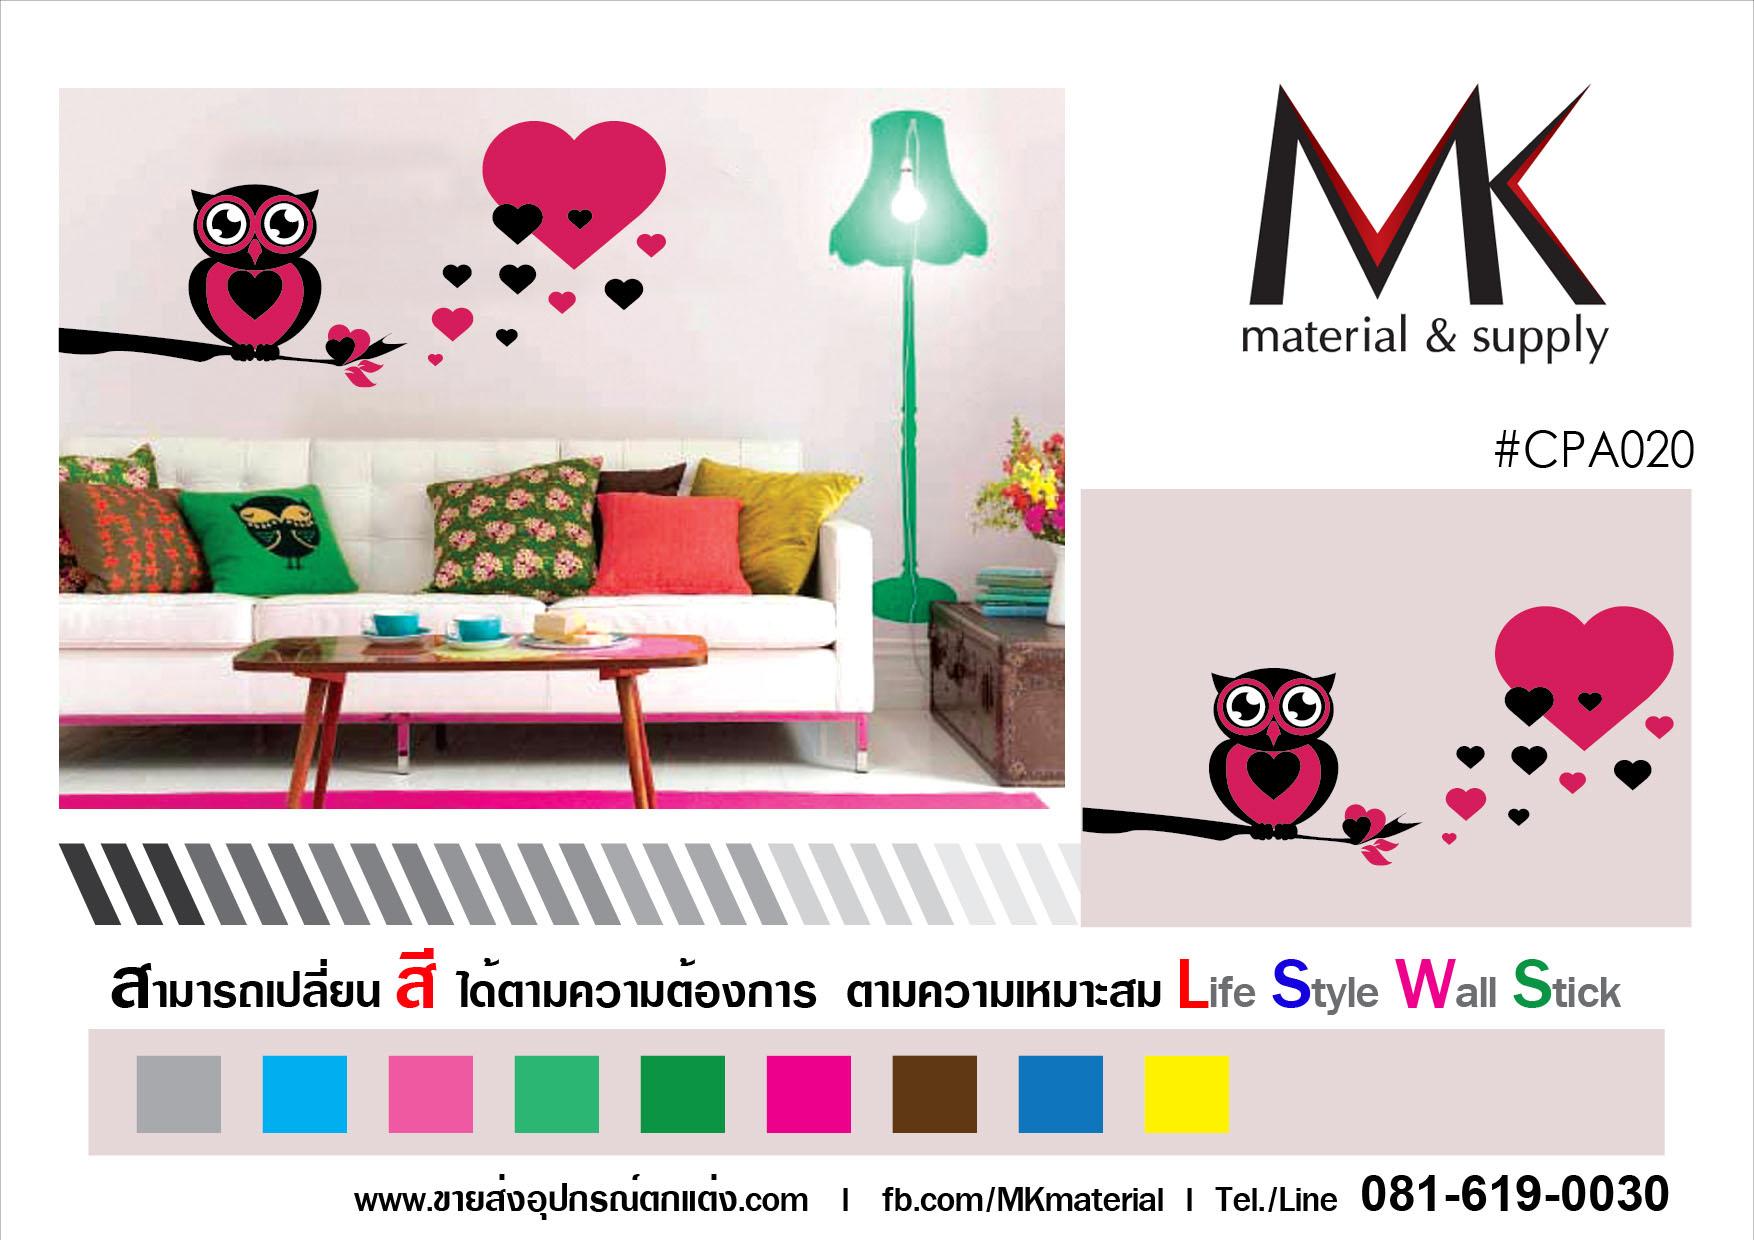 Life Style Wall Stick 020